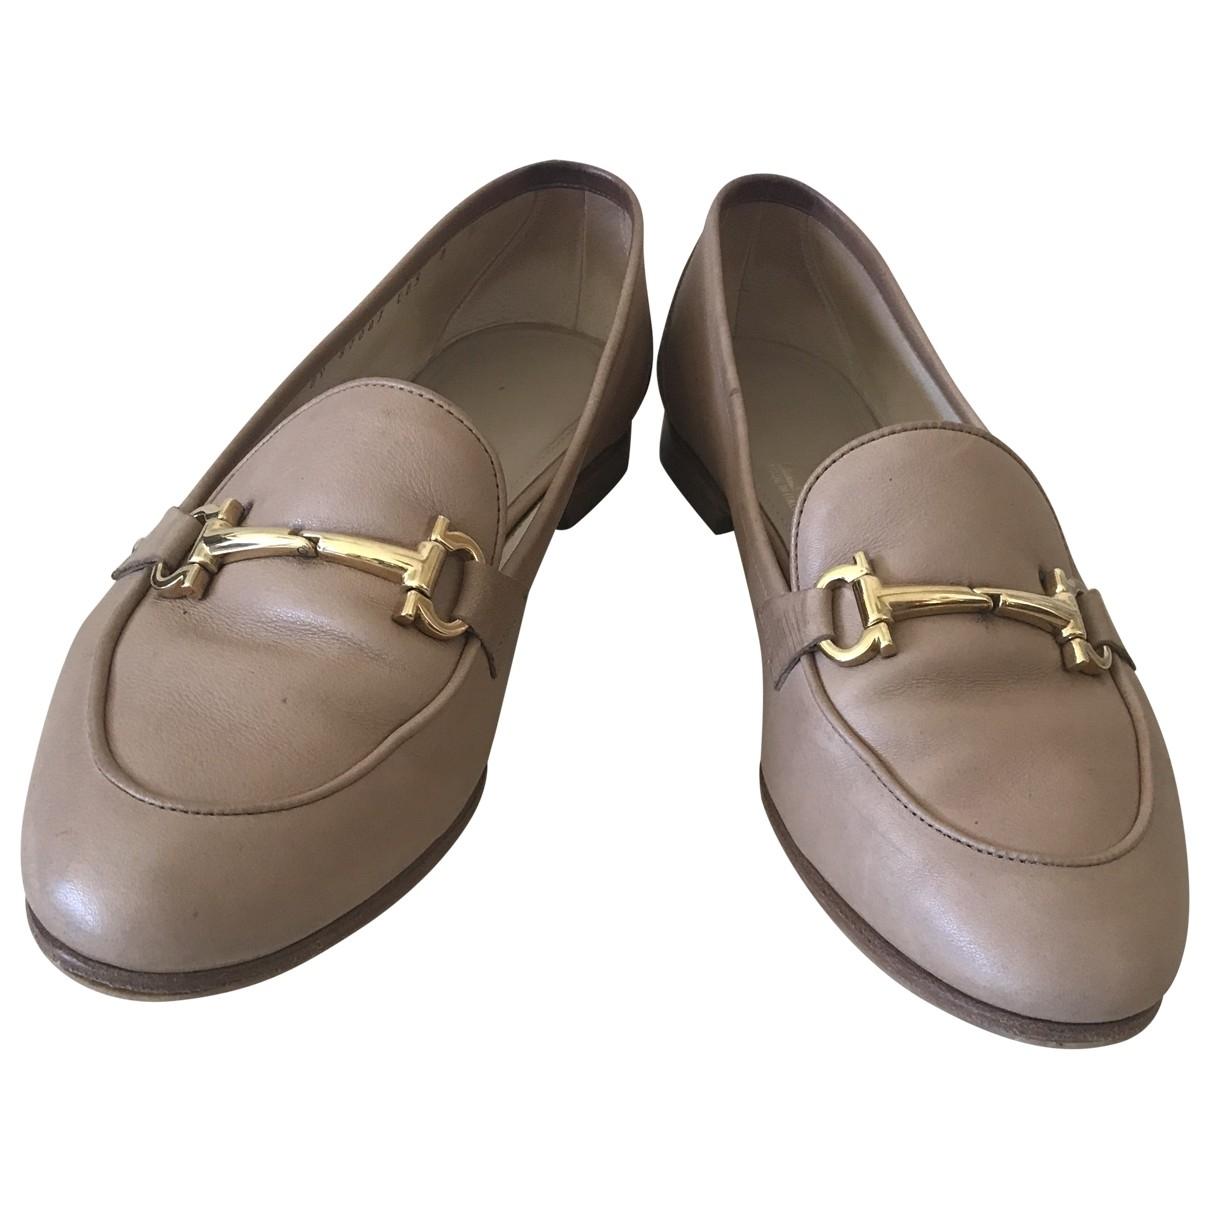 Salvatore Ferragamo \N Beige Leather Flats for Women 38.5 EU